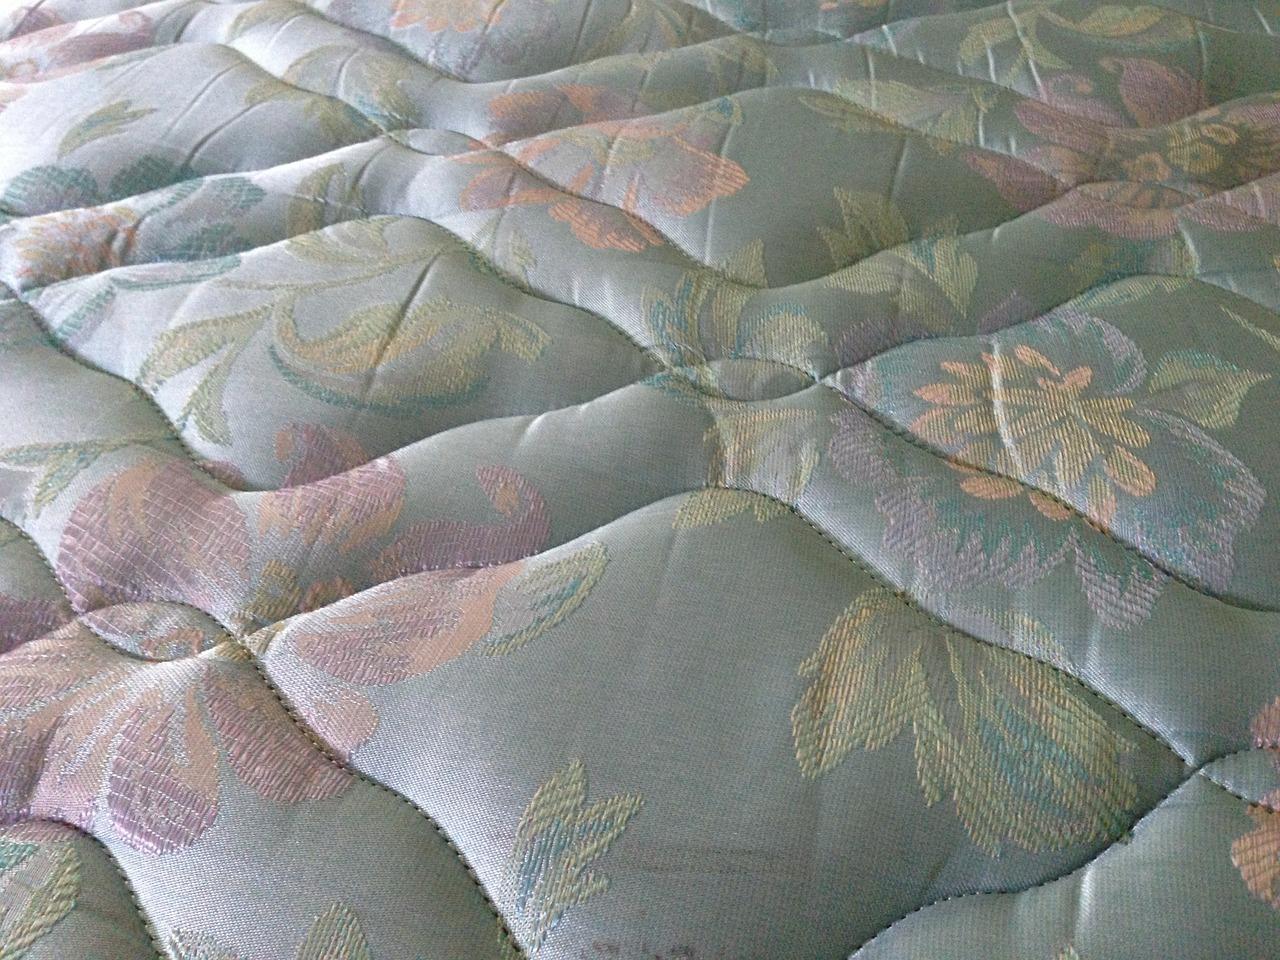 matratzen test federkern oder kaltschaummatratze vorteile und nachteile. Black Bedroom Furniture Sets. Home Design Ideas